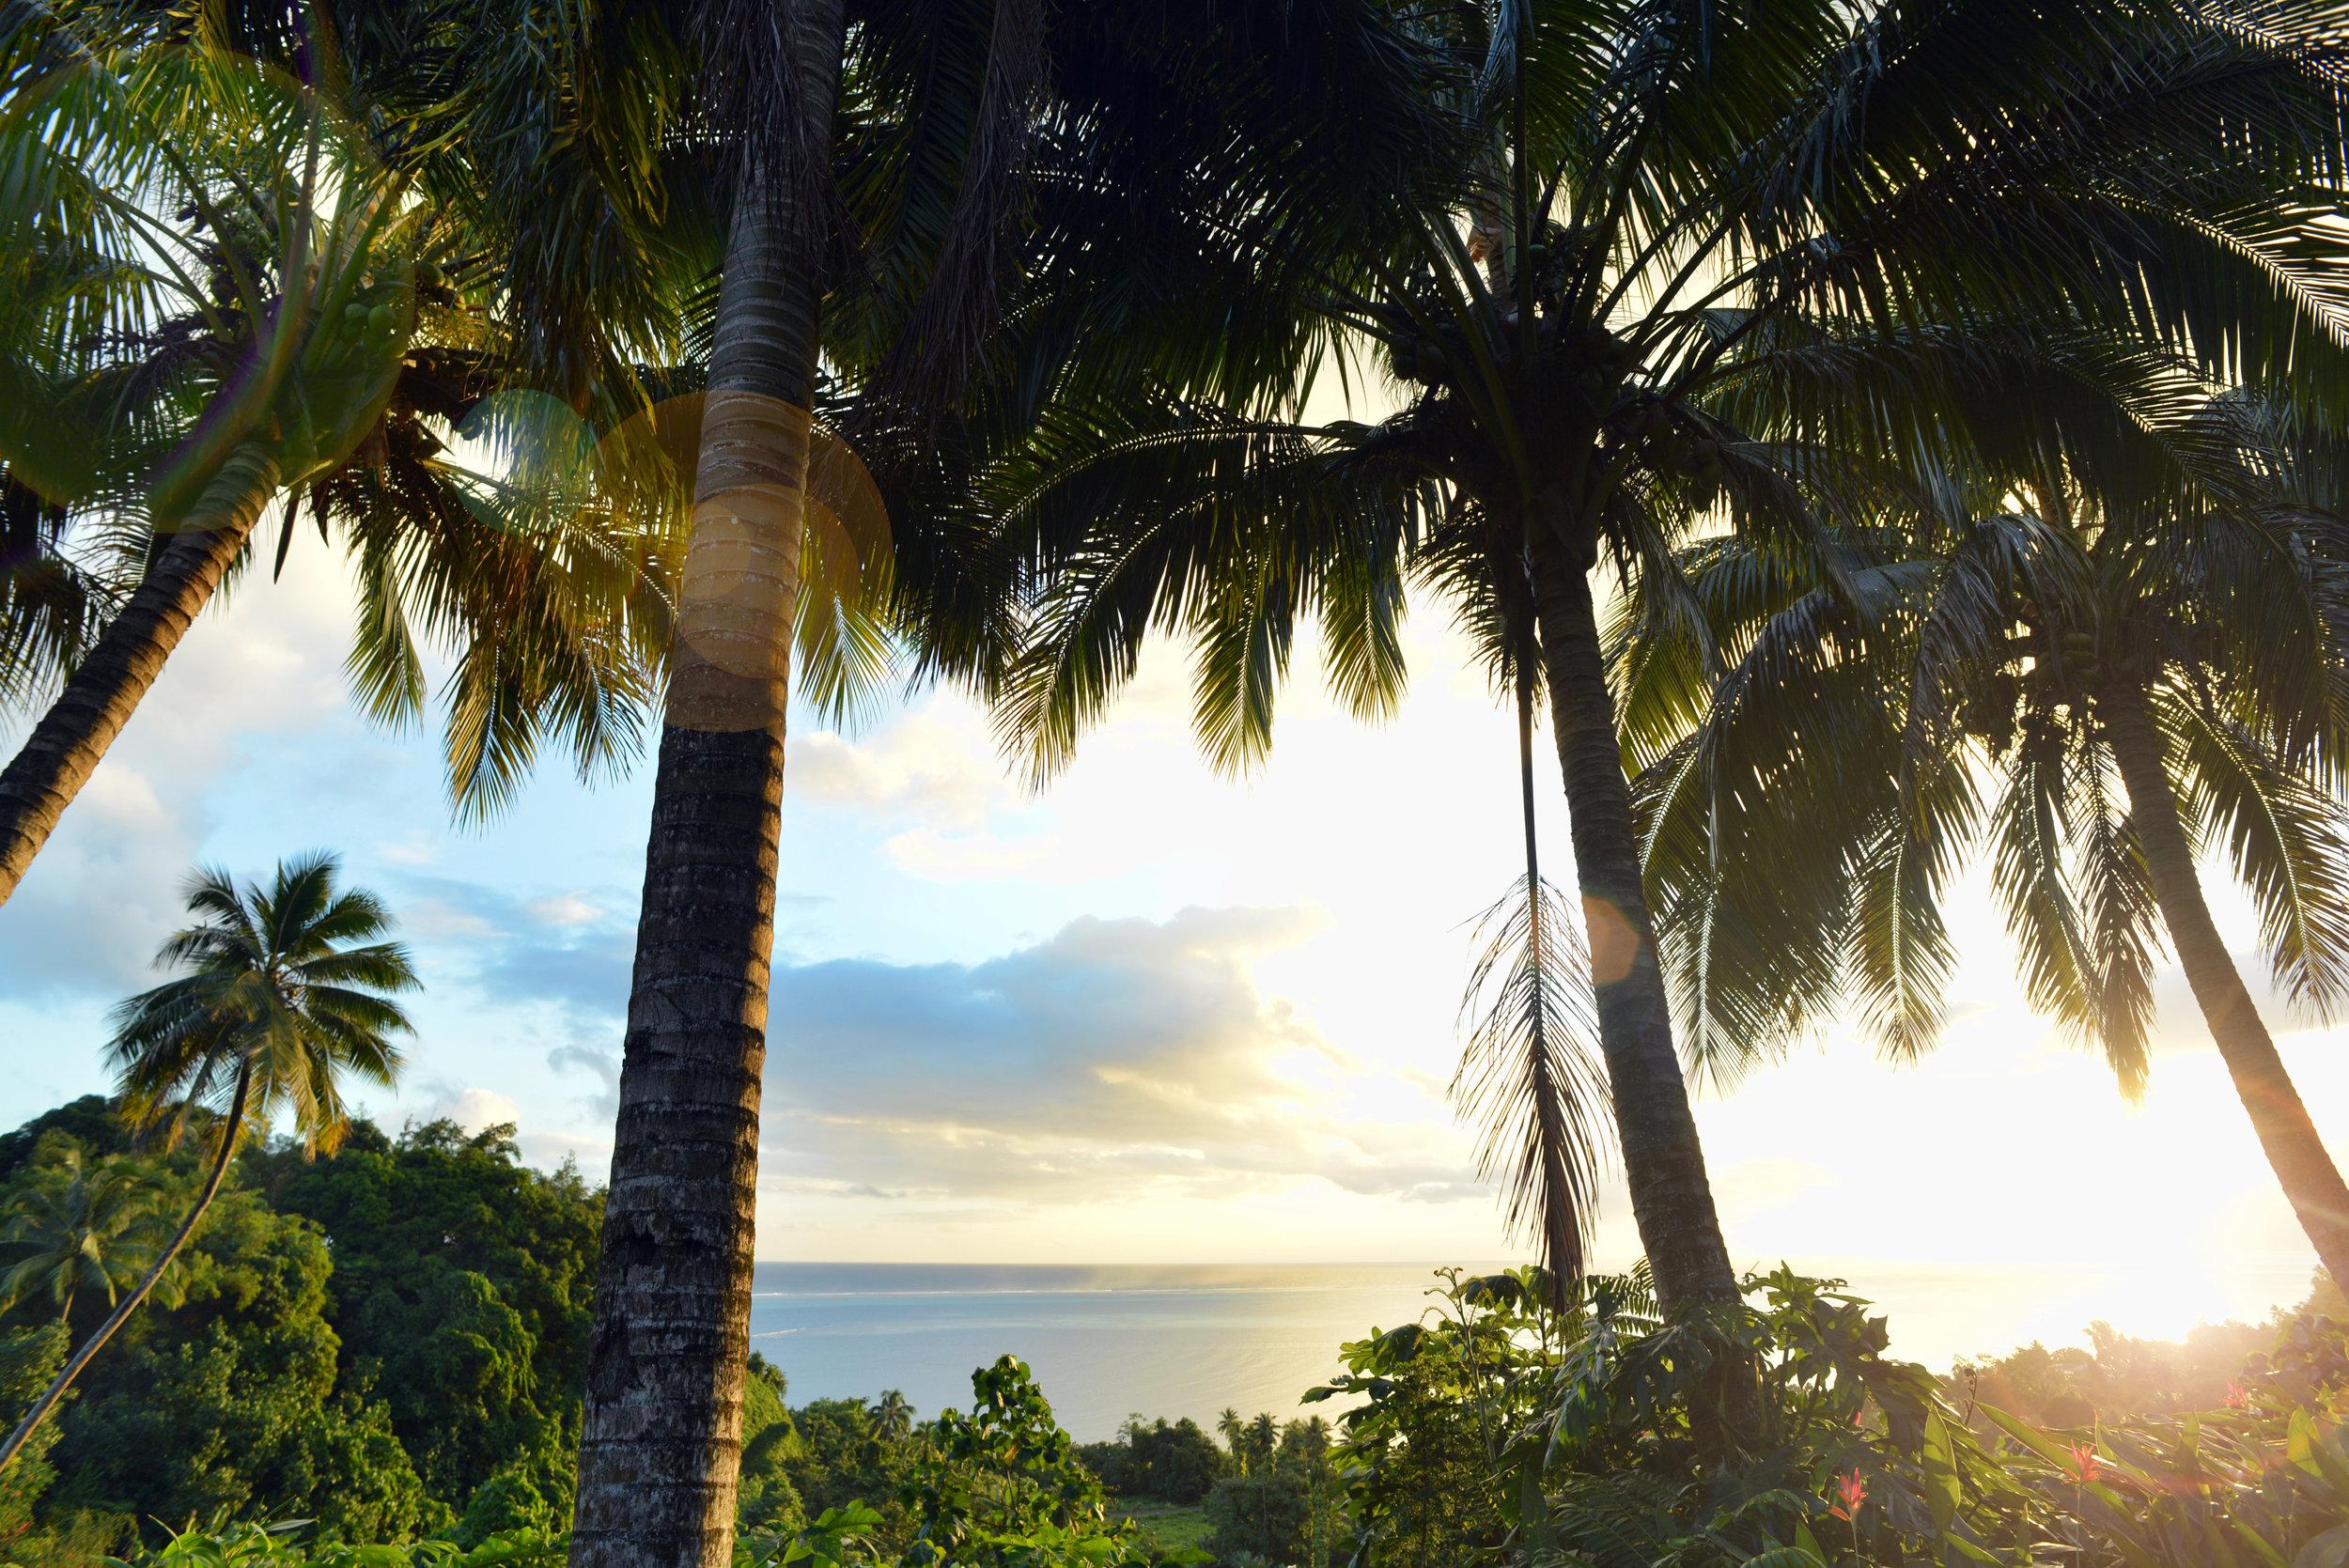 Sunset viewed from Vanira Lodge, Teahupo'o, Tahiti.